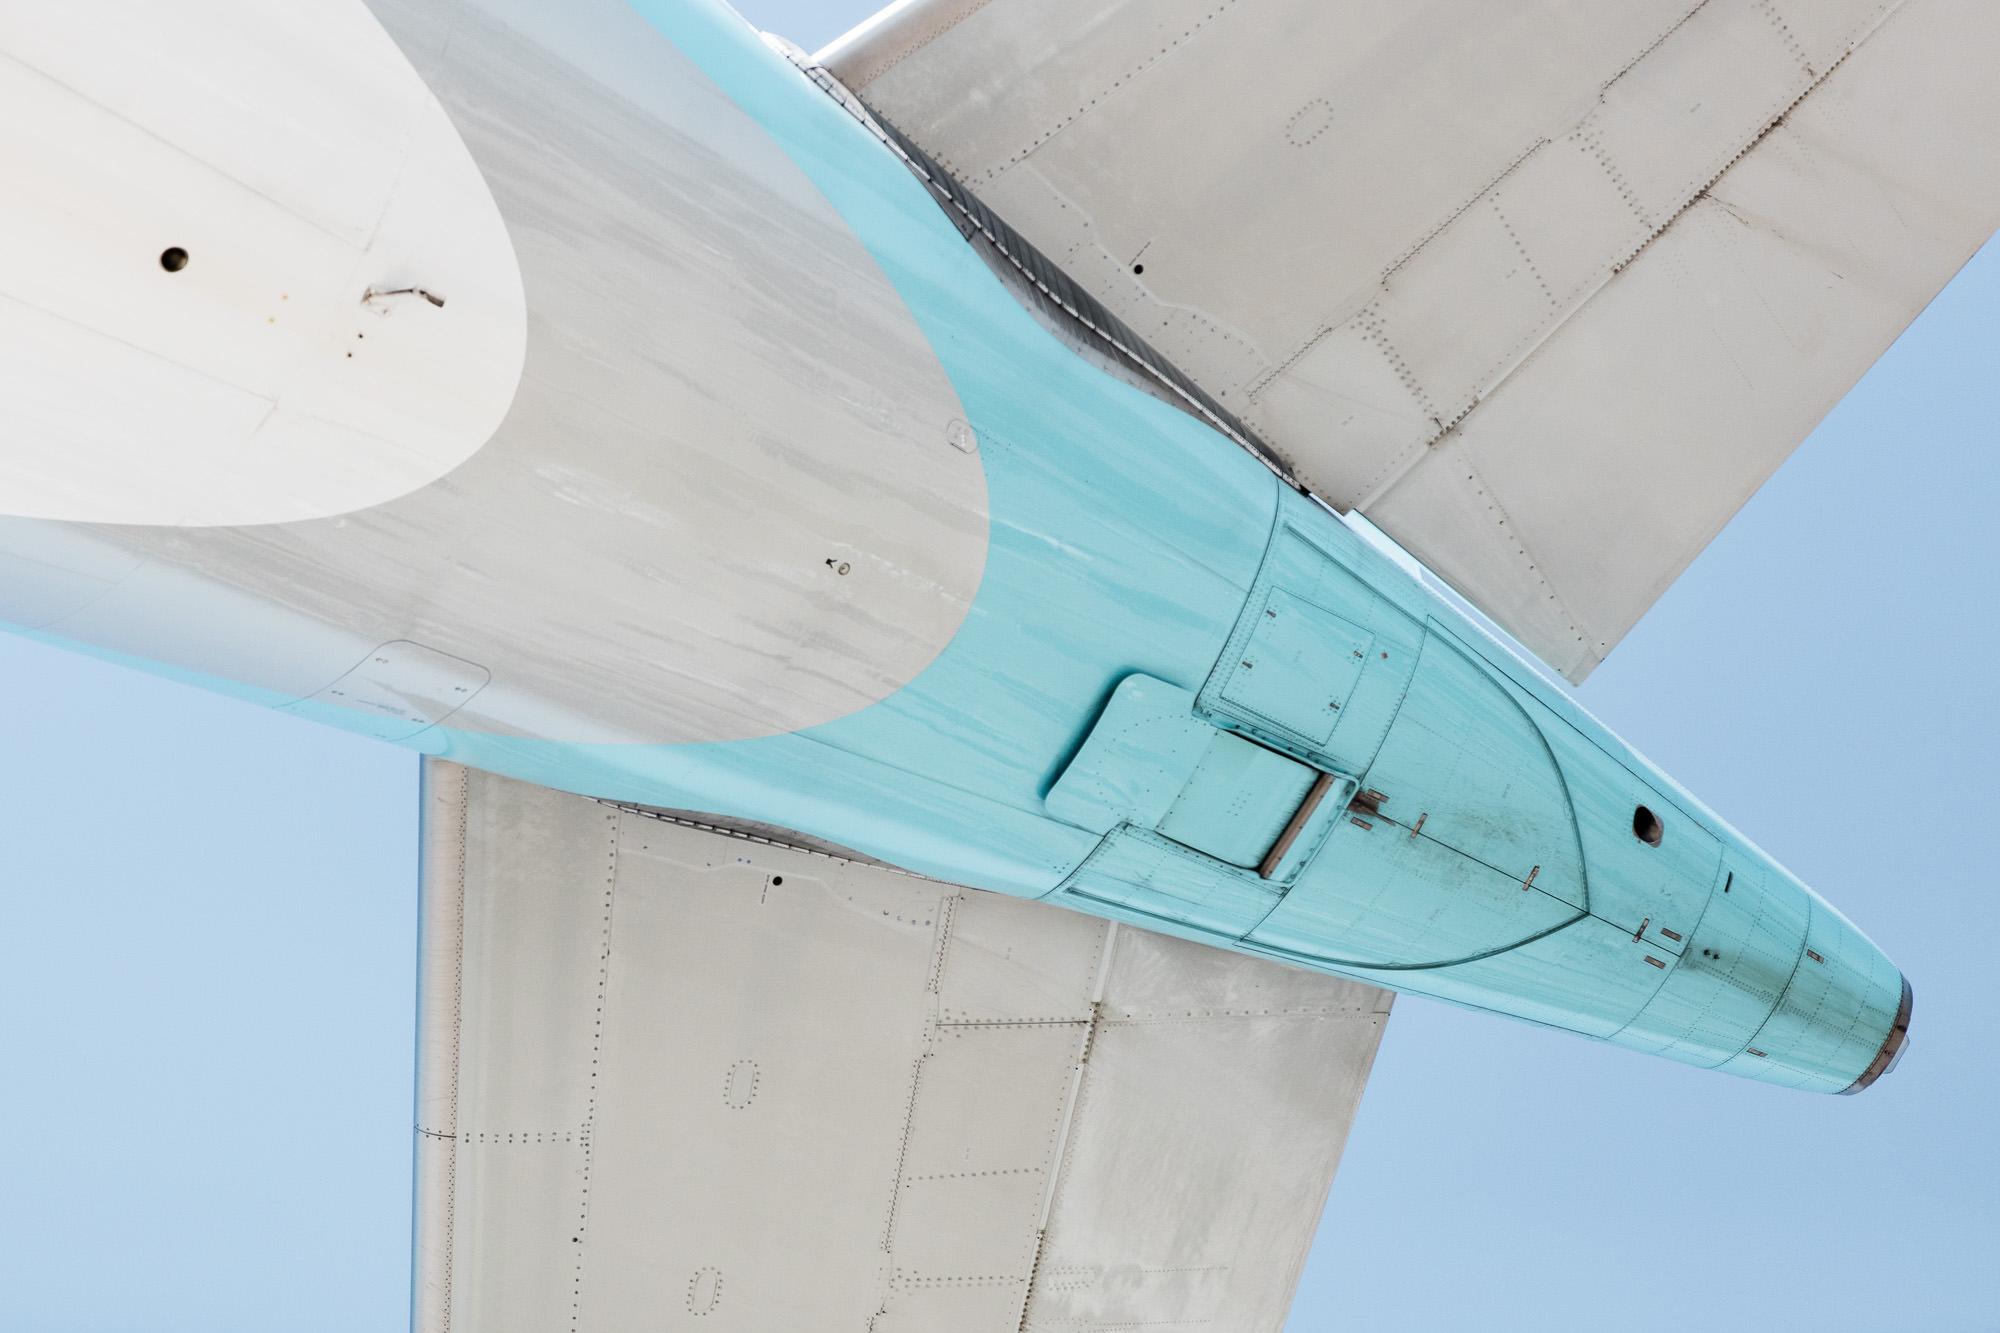 mike-kelley-final-approach-aviation-6.jpg